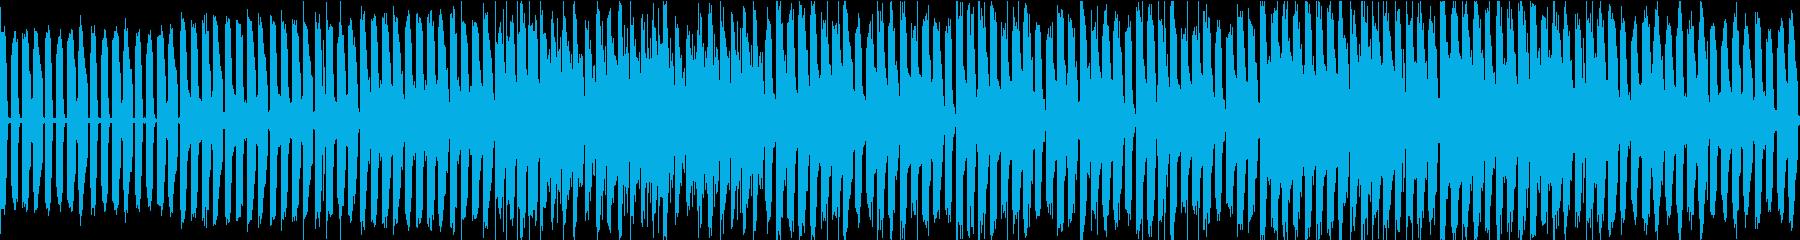 edm風のバトルbgmの再生済みの波形